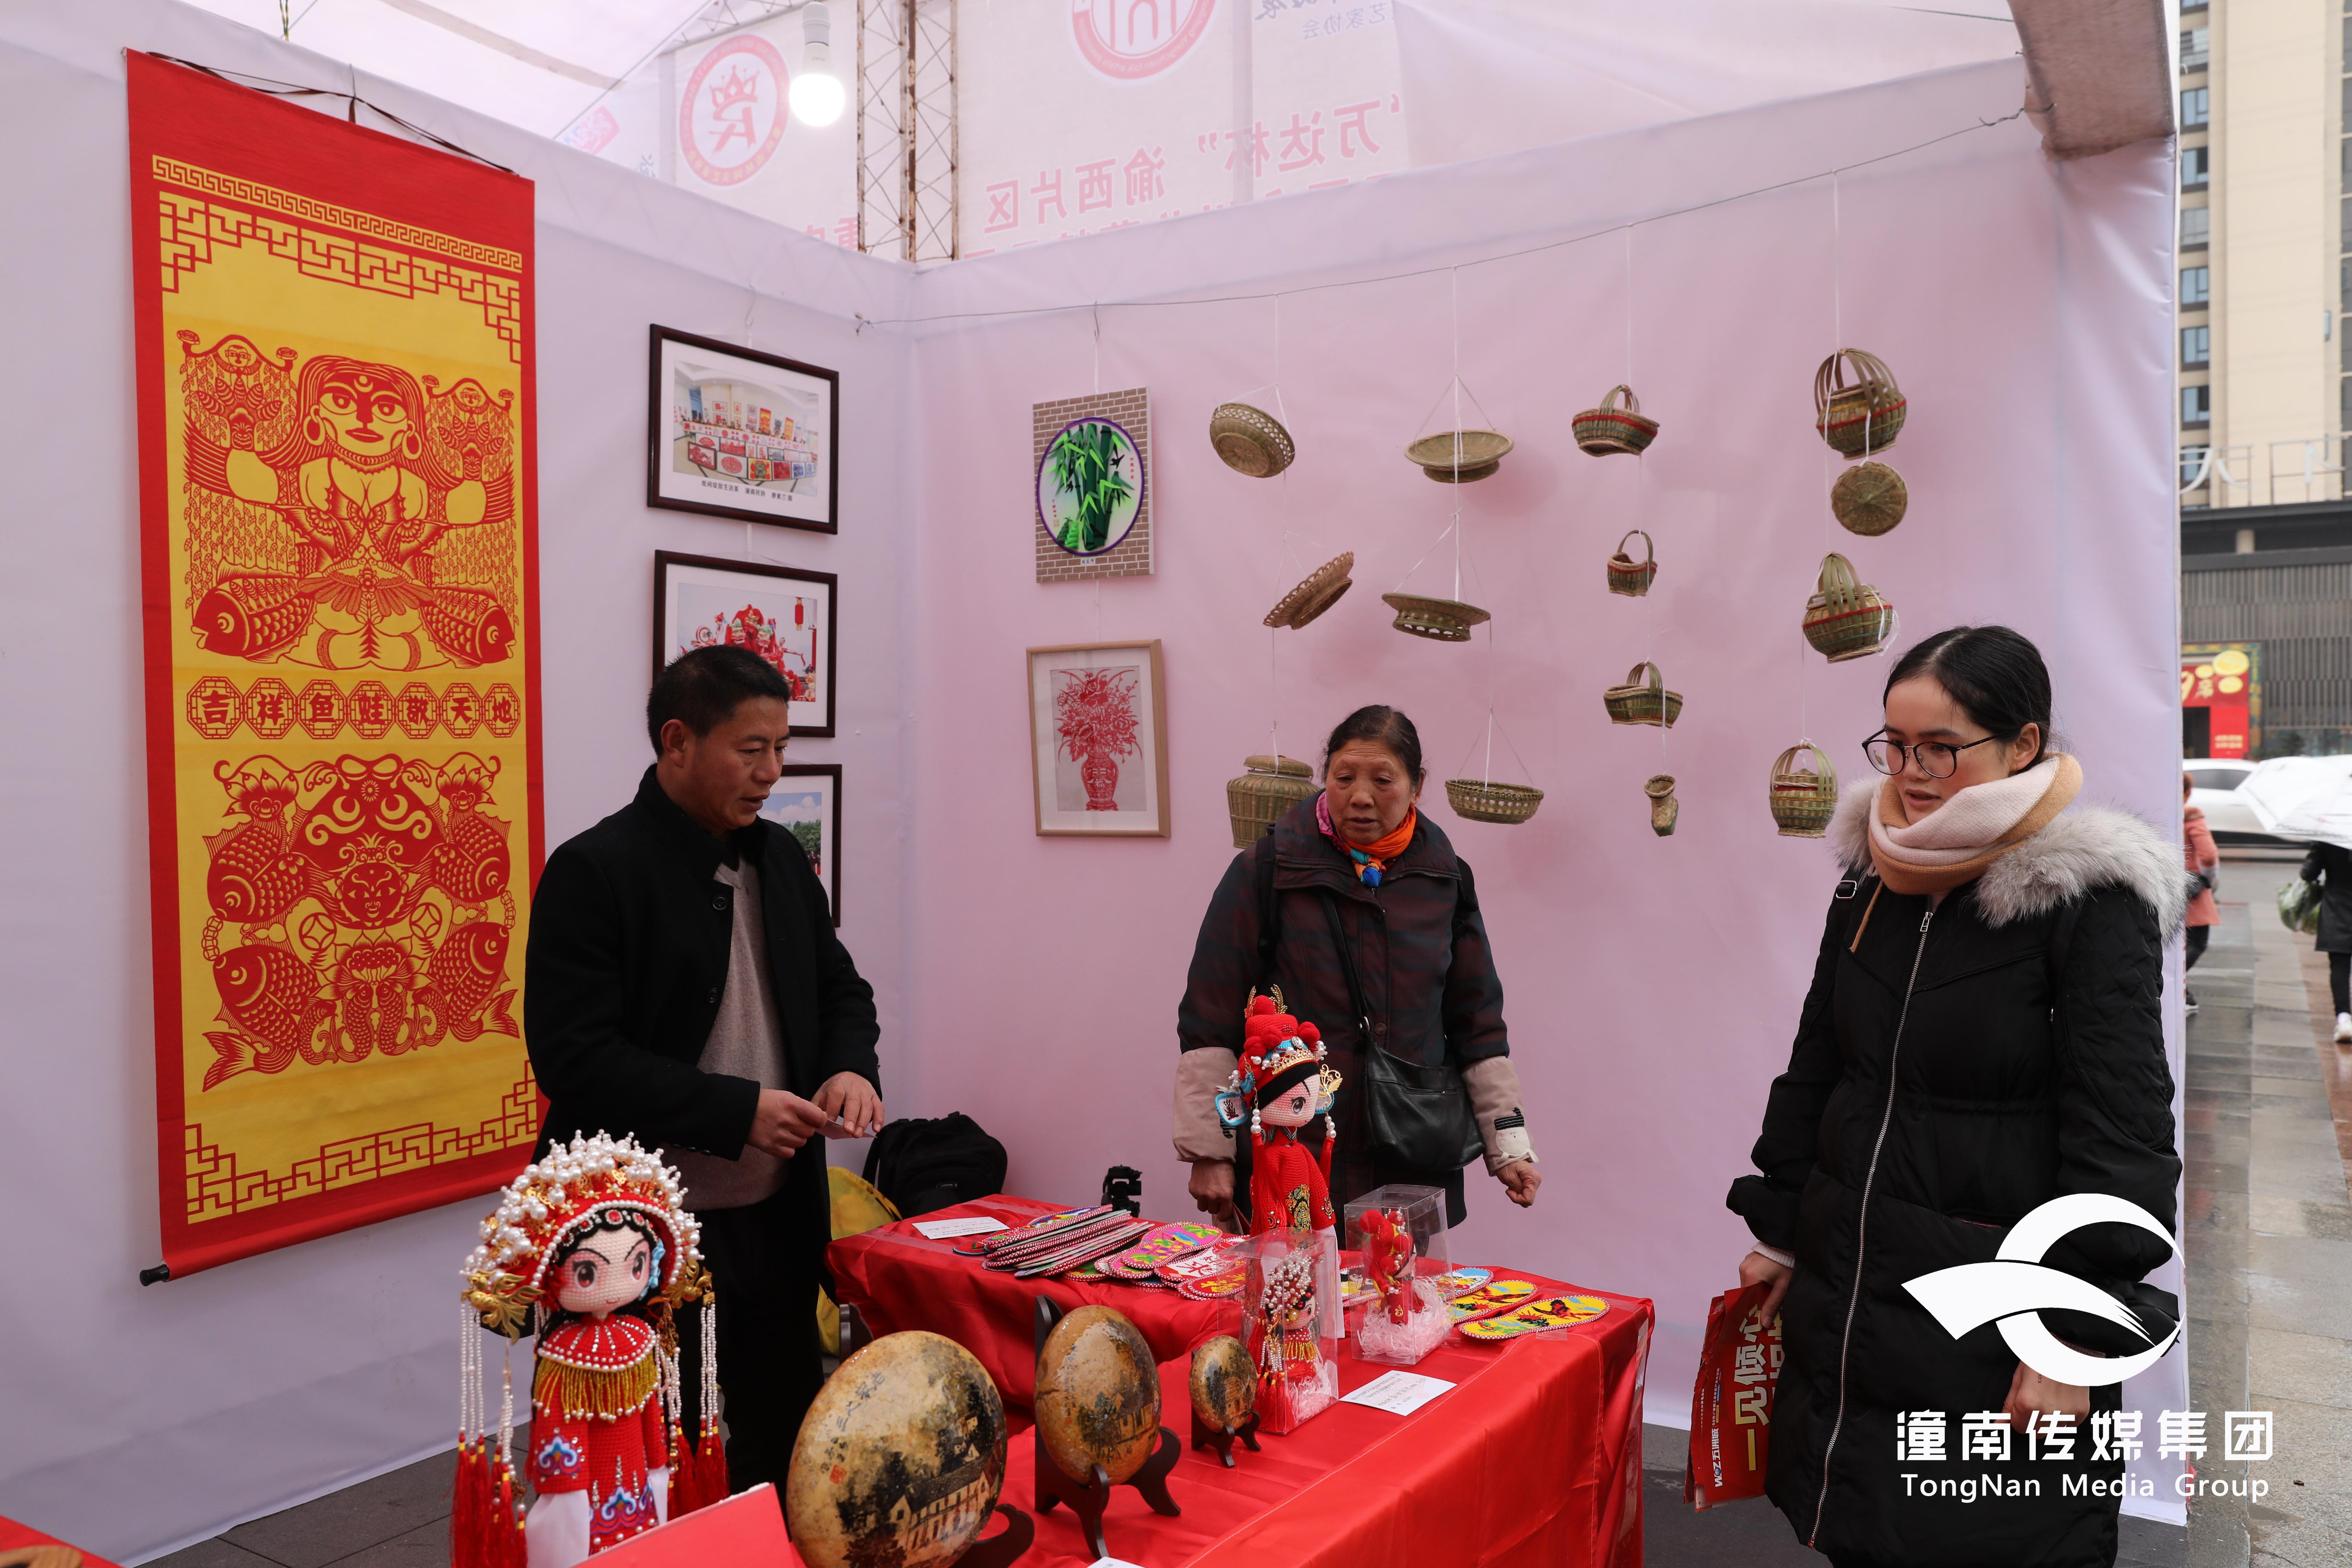 喜讯!潼南民间艺术品在重庆市民间艺术品展会上获奖